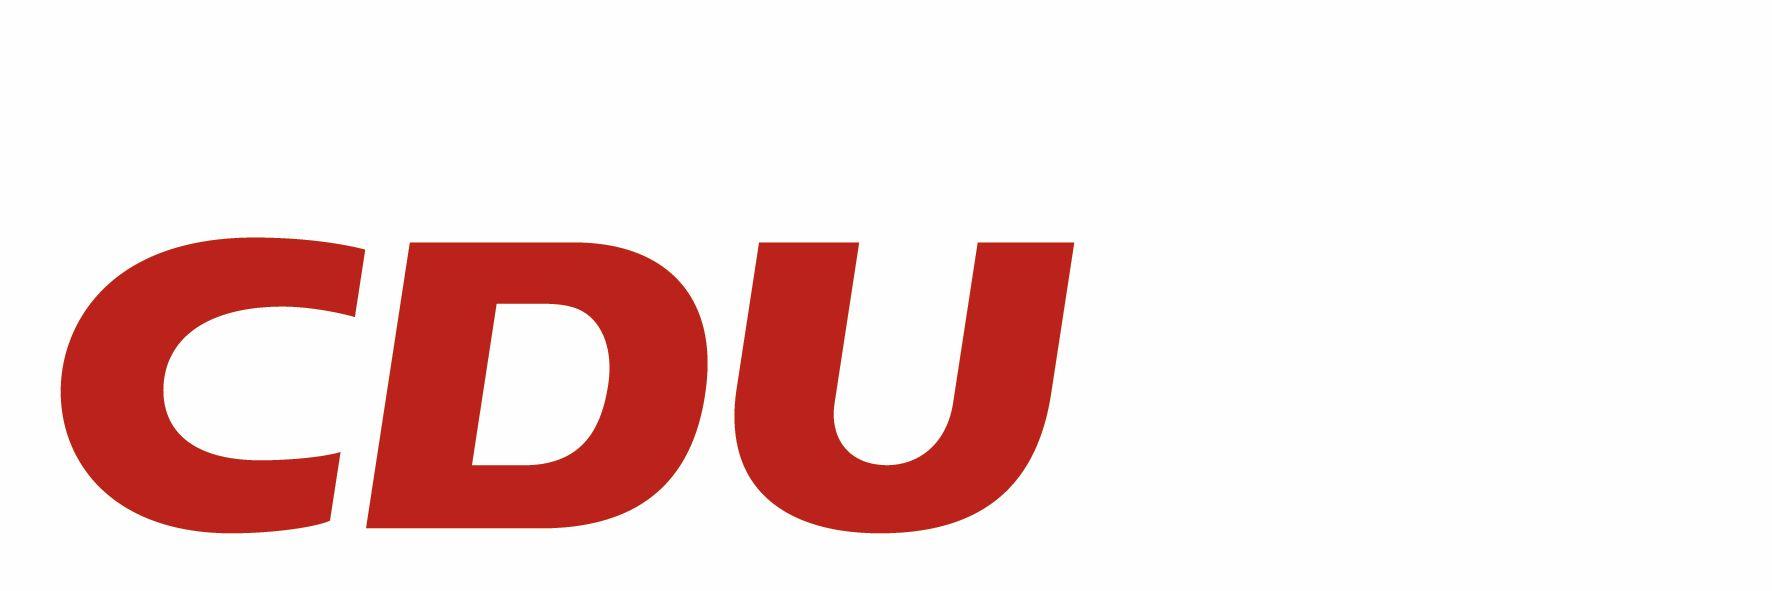 CDU und CSU